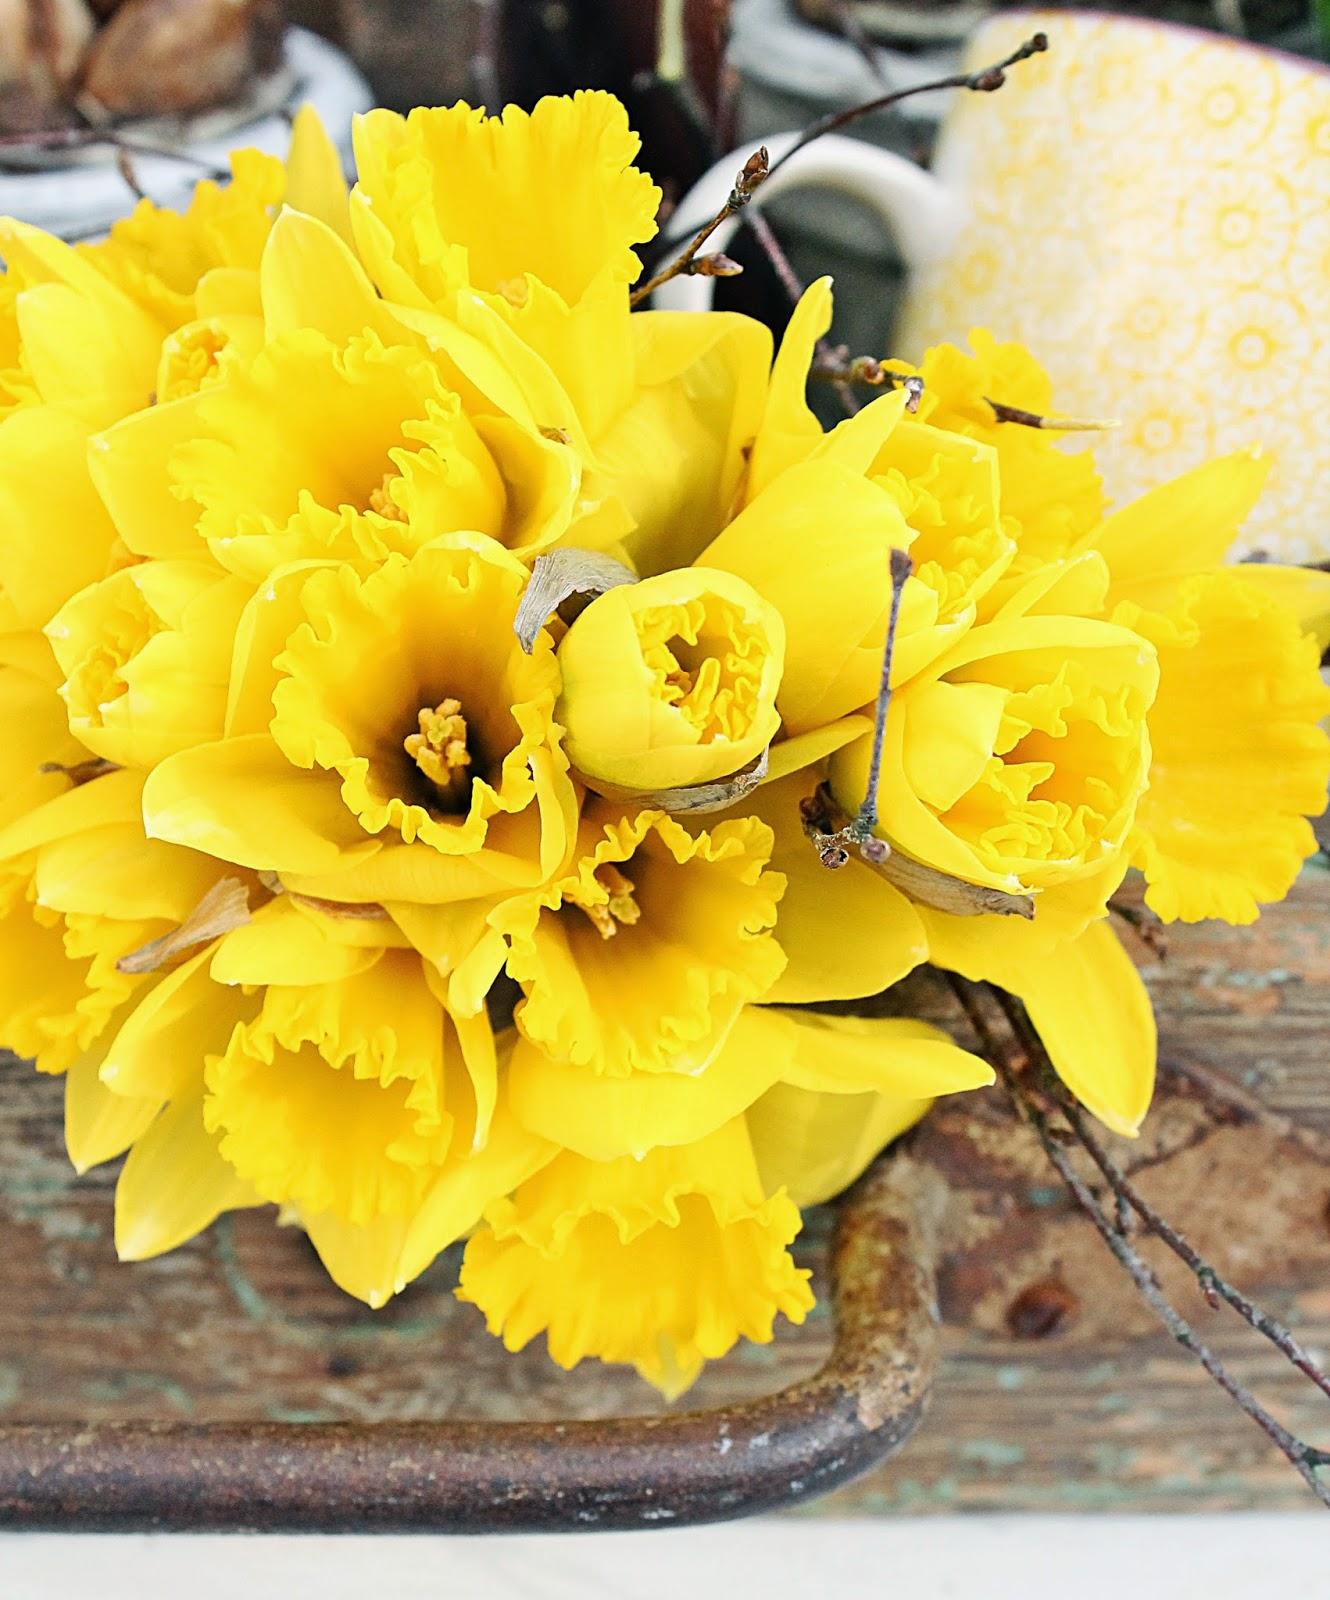 dekor/vesennie-cvety-k-pashe-foto-16.jpg